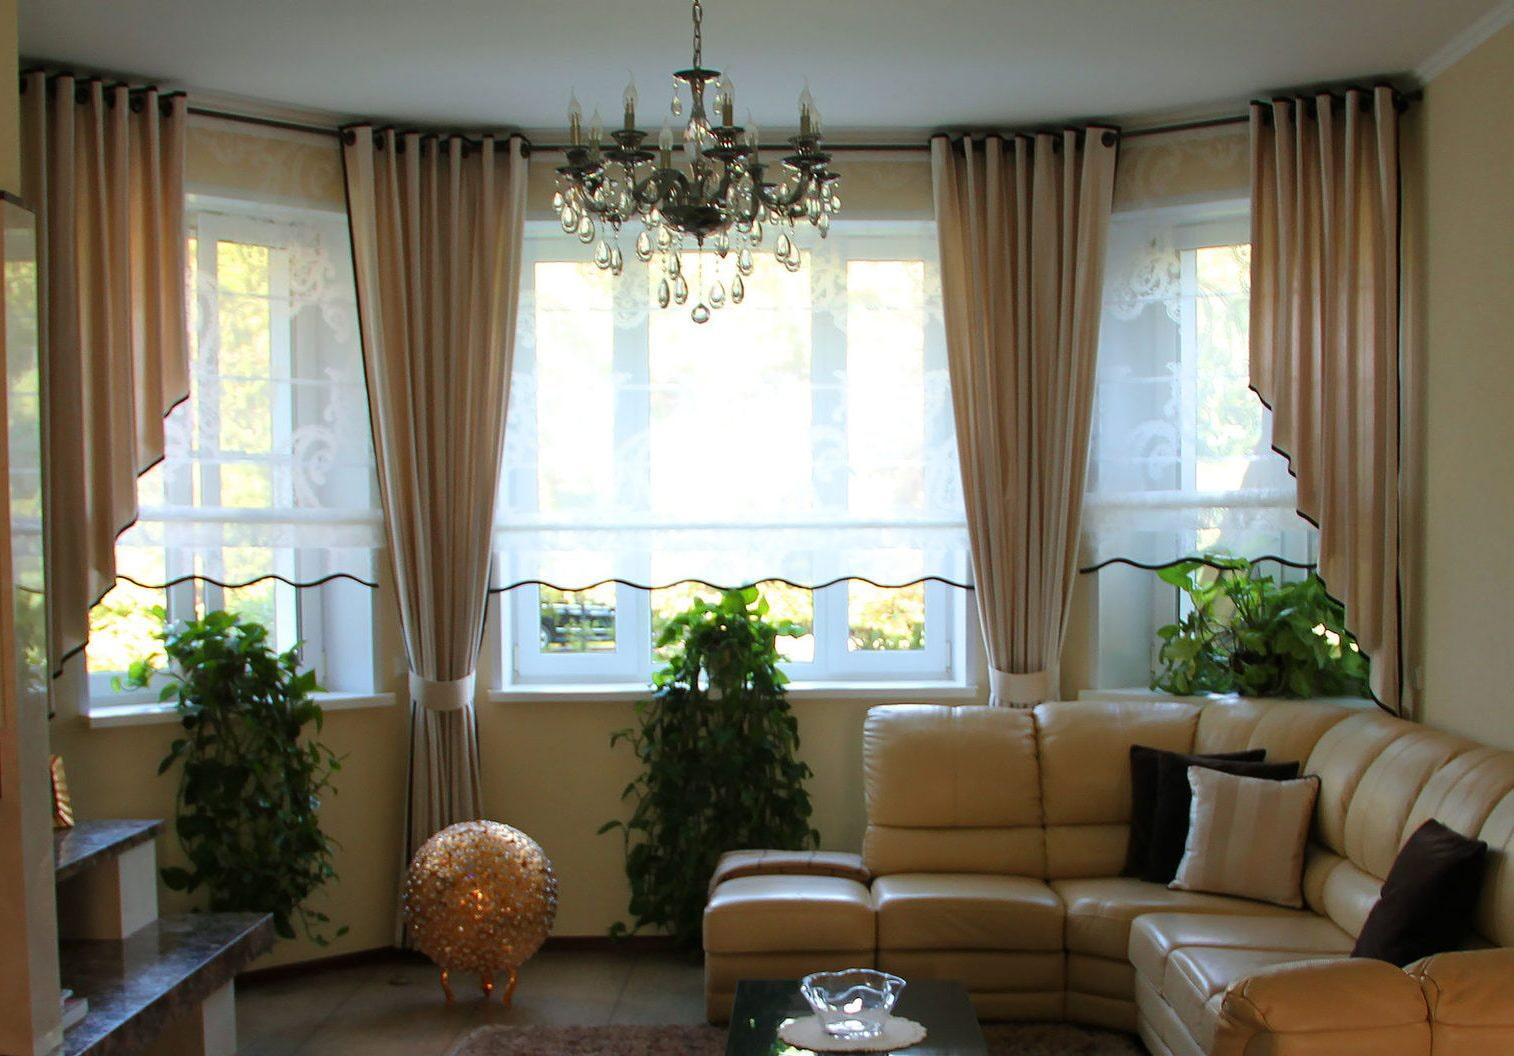 браке важнейший идеи оформления окон шторами в гостиной фото стандарт